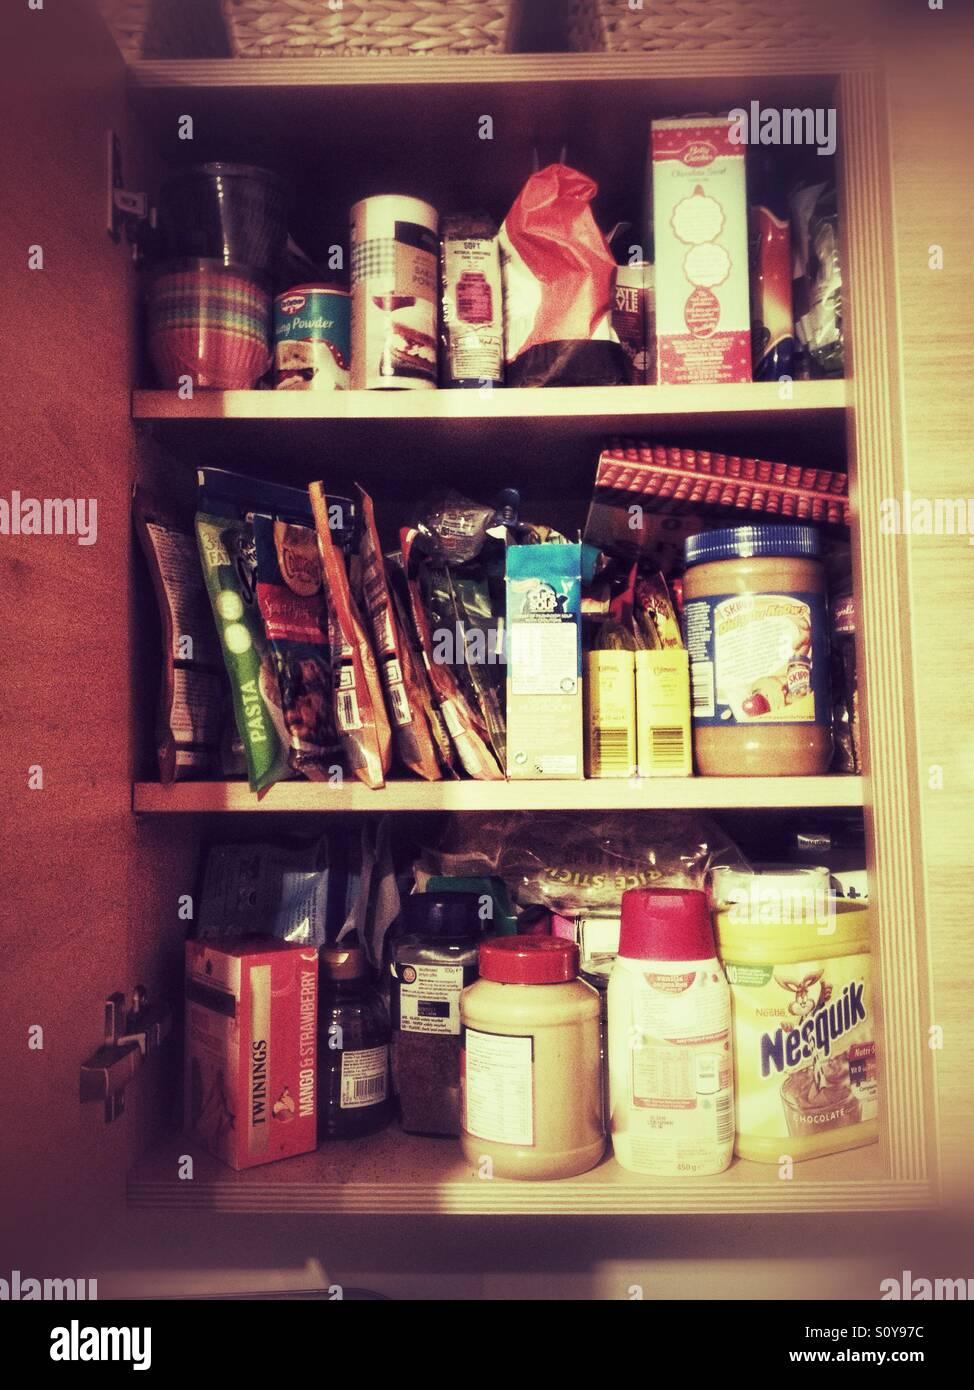 Ein Küchenschrank voller Lebensmittel. Stockbild